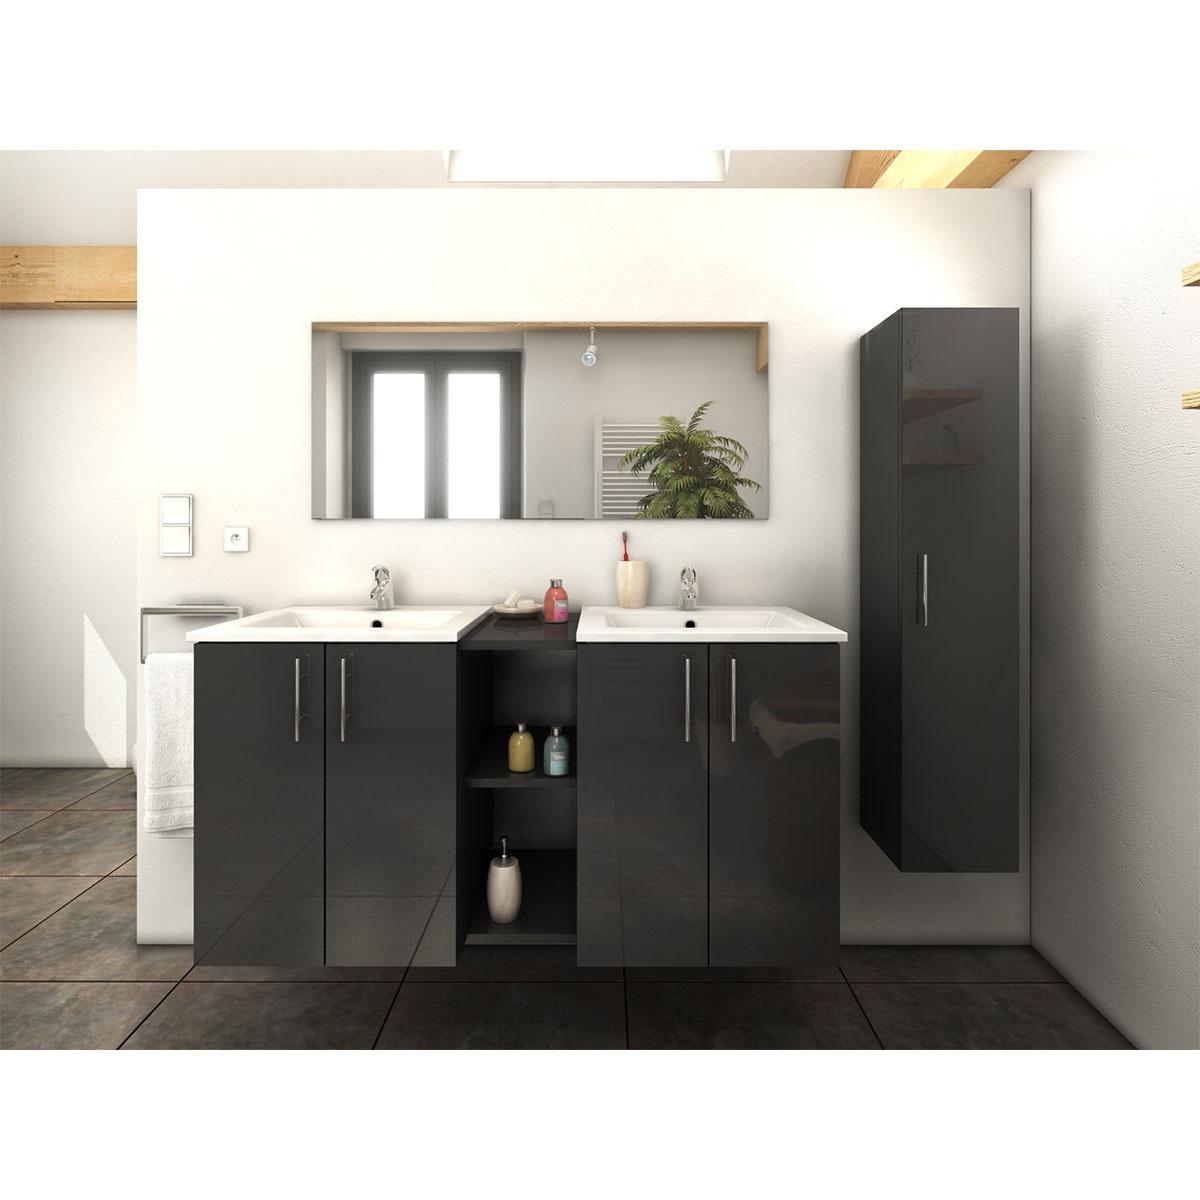 Ensemble vasques colonne et meuble en 120 cm (Gris)